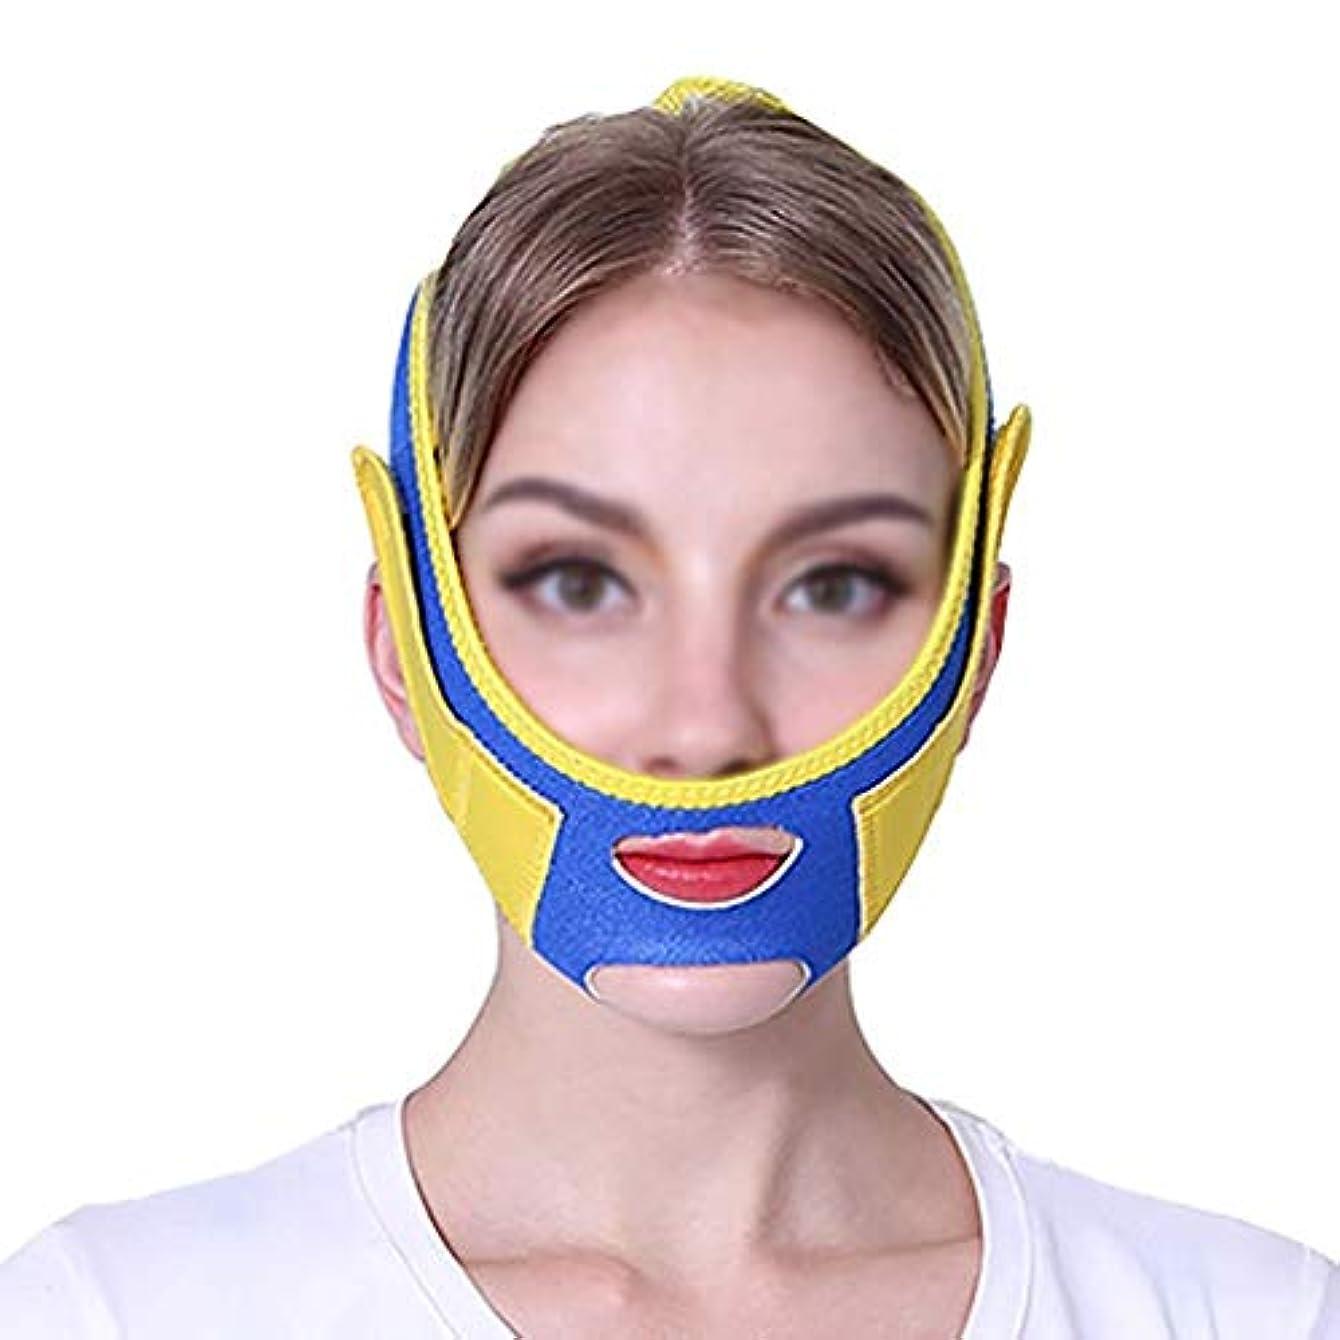 弁護士危険を冒します渇きファーミングフェイスマスク、スモールVフェイスアーティファクトリフティングマスクフェイスリフティングフェイスメロンフェイスリフティングフェイスマスクファーミングクリームフェイスリフティングバンデージ